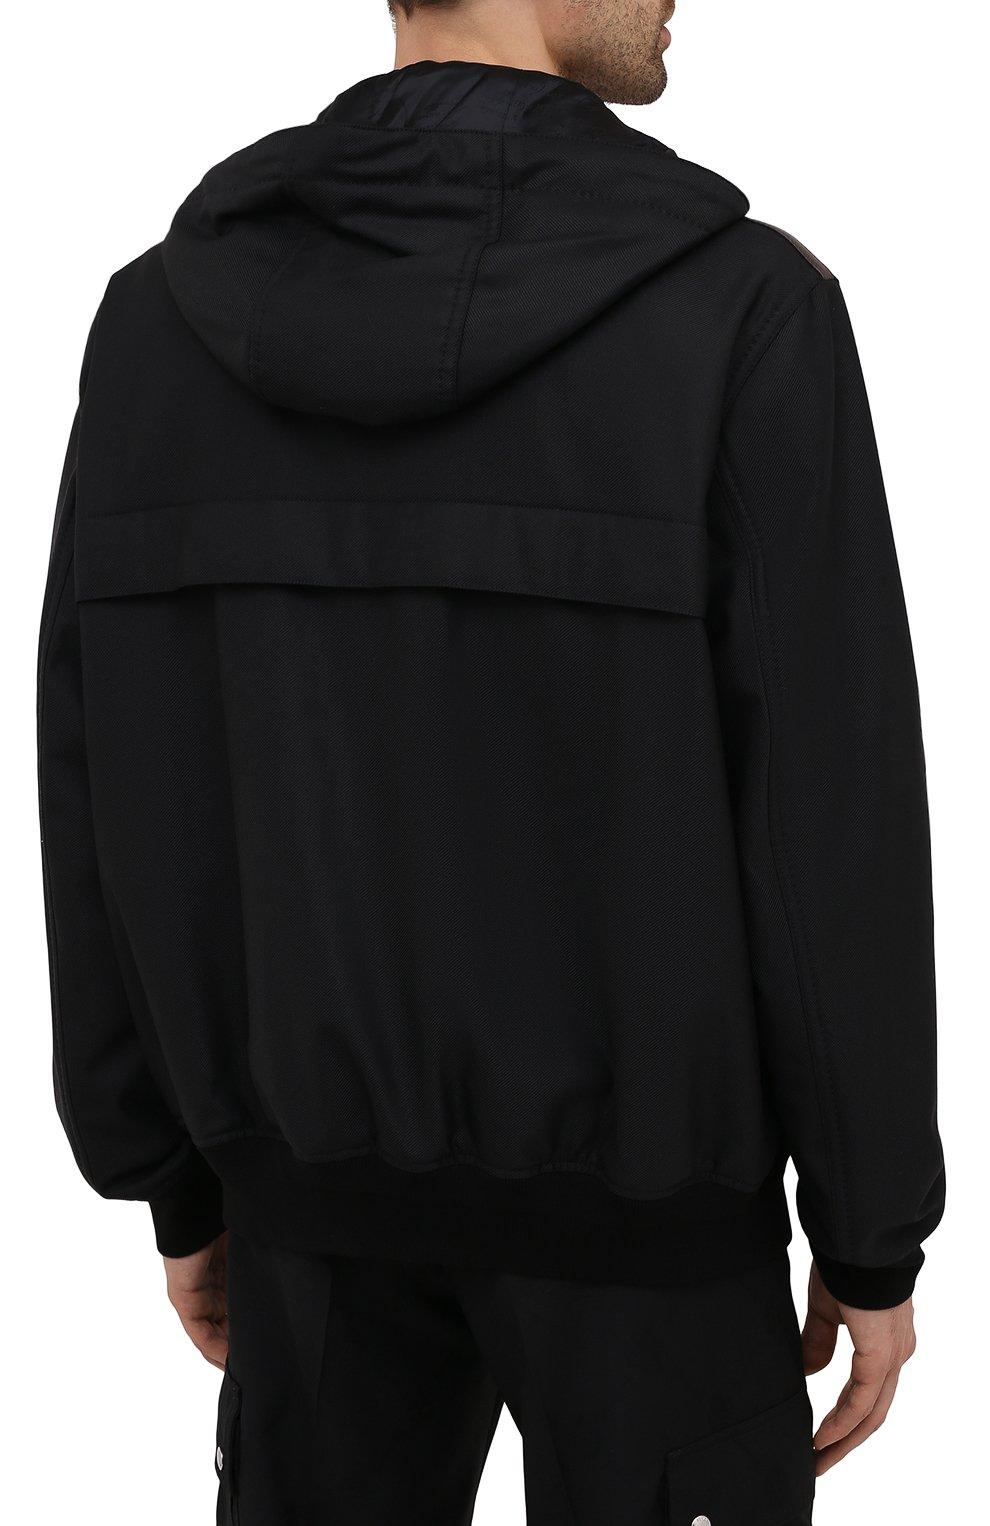 Мужской бомбер BERLUTI черного цвета, арт. R200BL102-001   Фото 4 (Кросс-КТ: Куртка; Материал внешний: Шерсть, Синтетический материал; Рукава: Длинные; Принт: Без принта; Длина (верхняя одежда): Короткие; Материал подклада: Купро; Стили: Кэжуэл)